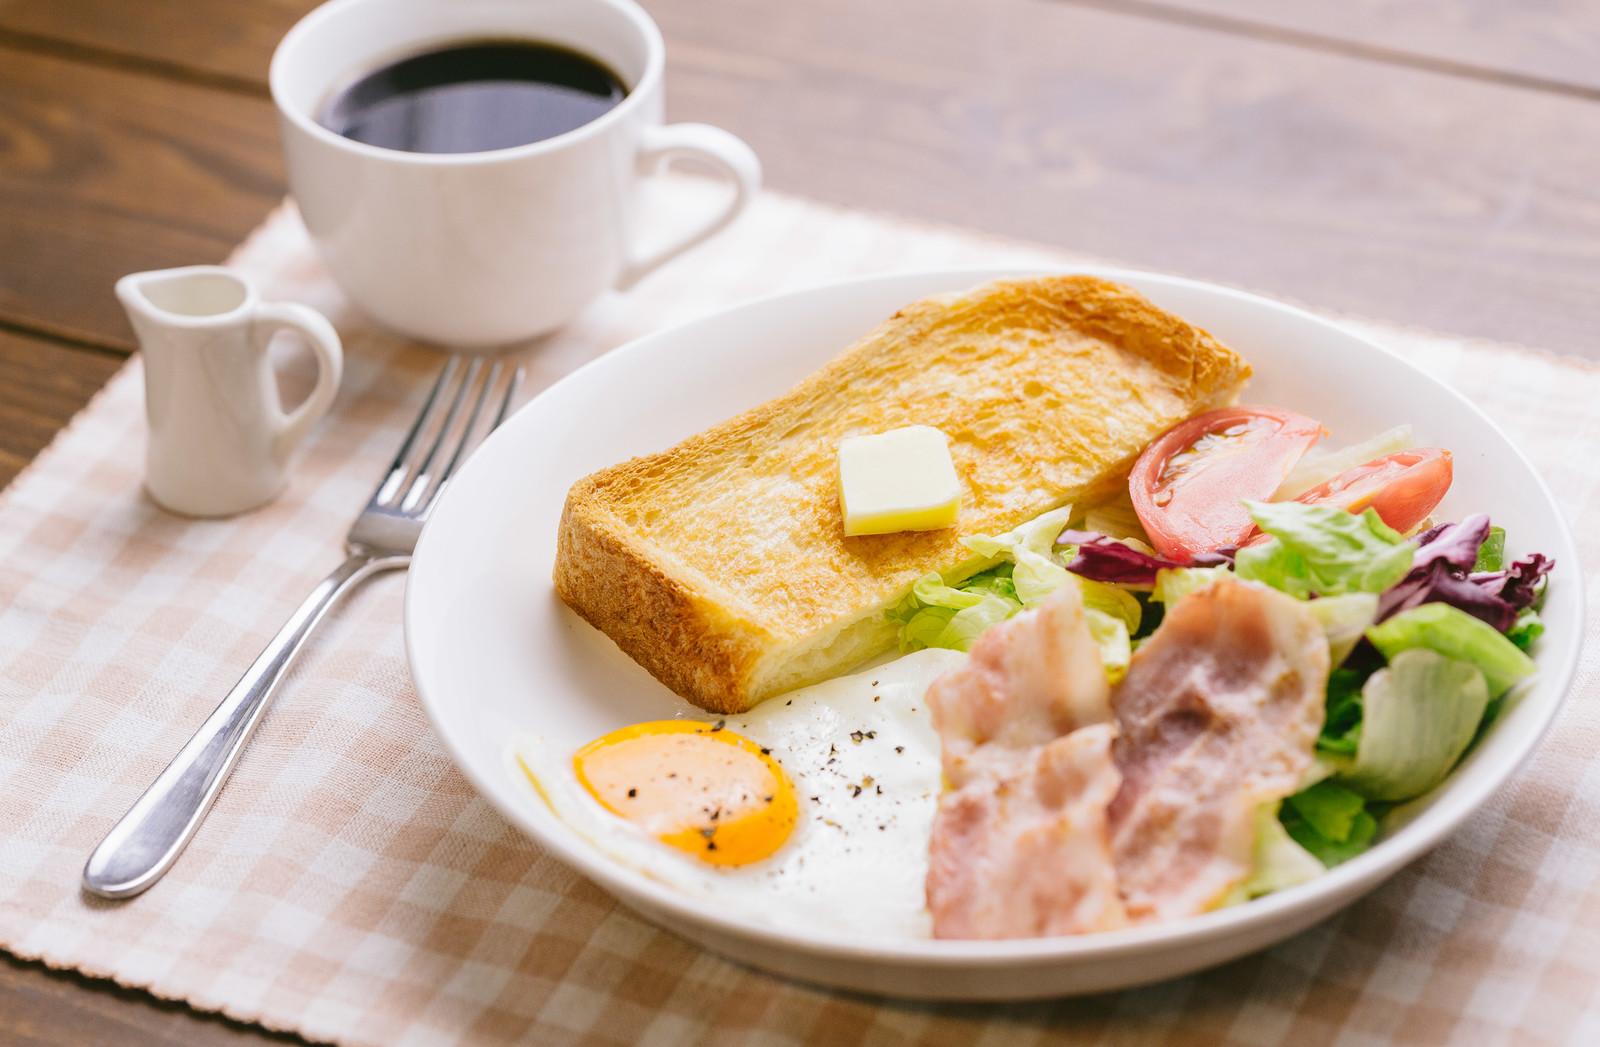 ダイエット中は朝食をとるべき?!朝食のダイエット効果やおすすめメニュー